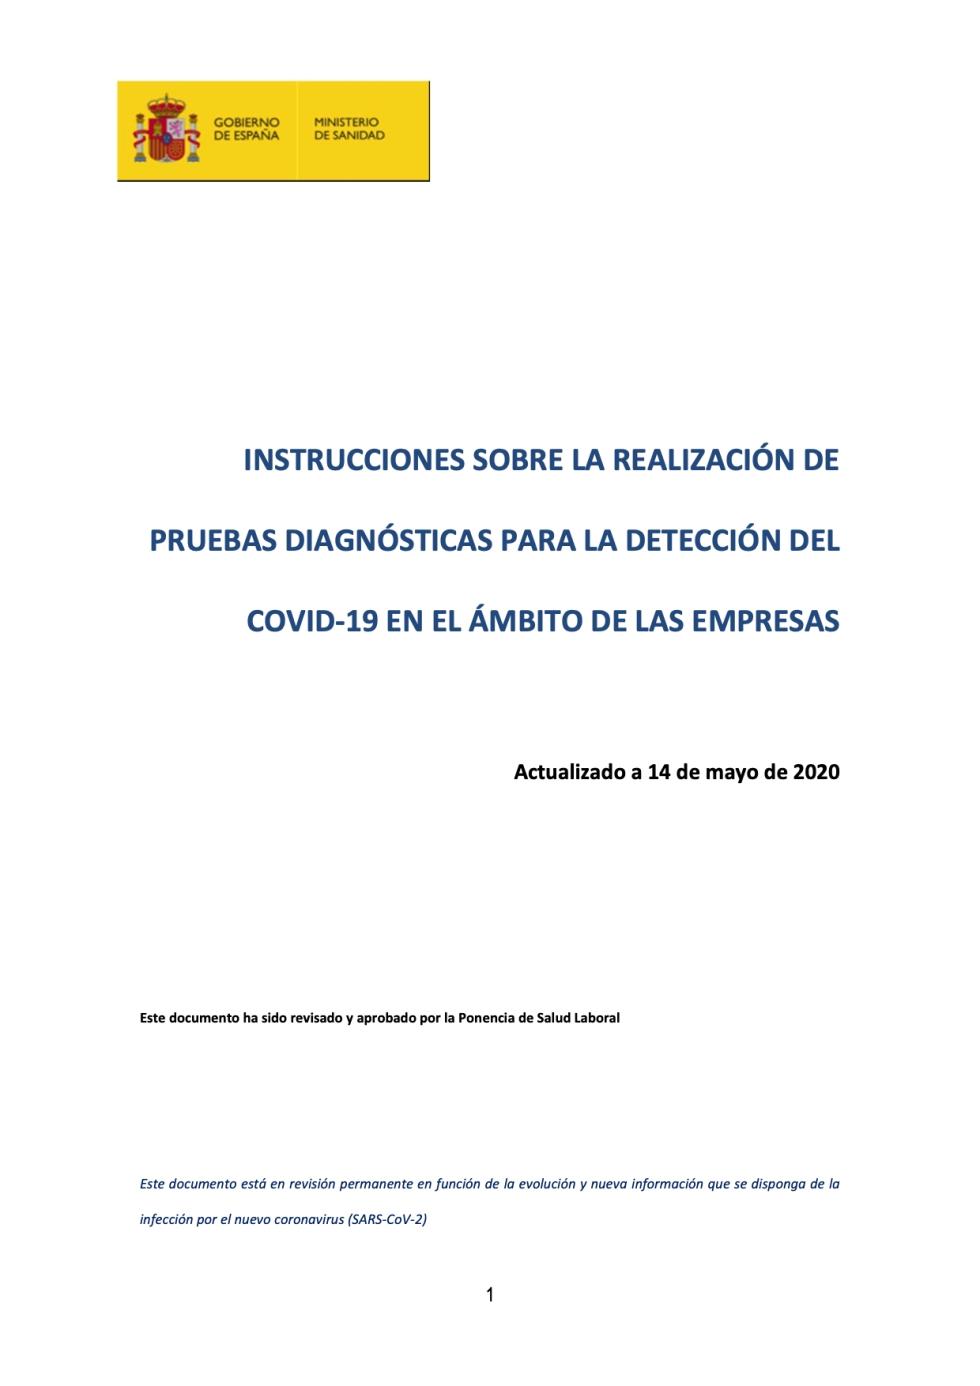 INSTRUCCIONES SOBRE LA REALIZACIÓN DE PRUEBAS DIAGNÓSTICAS PARA LA DETECCIÓN DEL COVID‐19 EN EL ÁMBITO DE LAS EMPRESAS